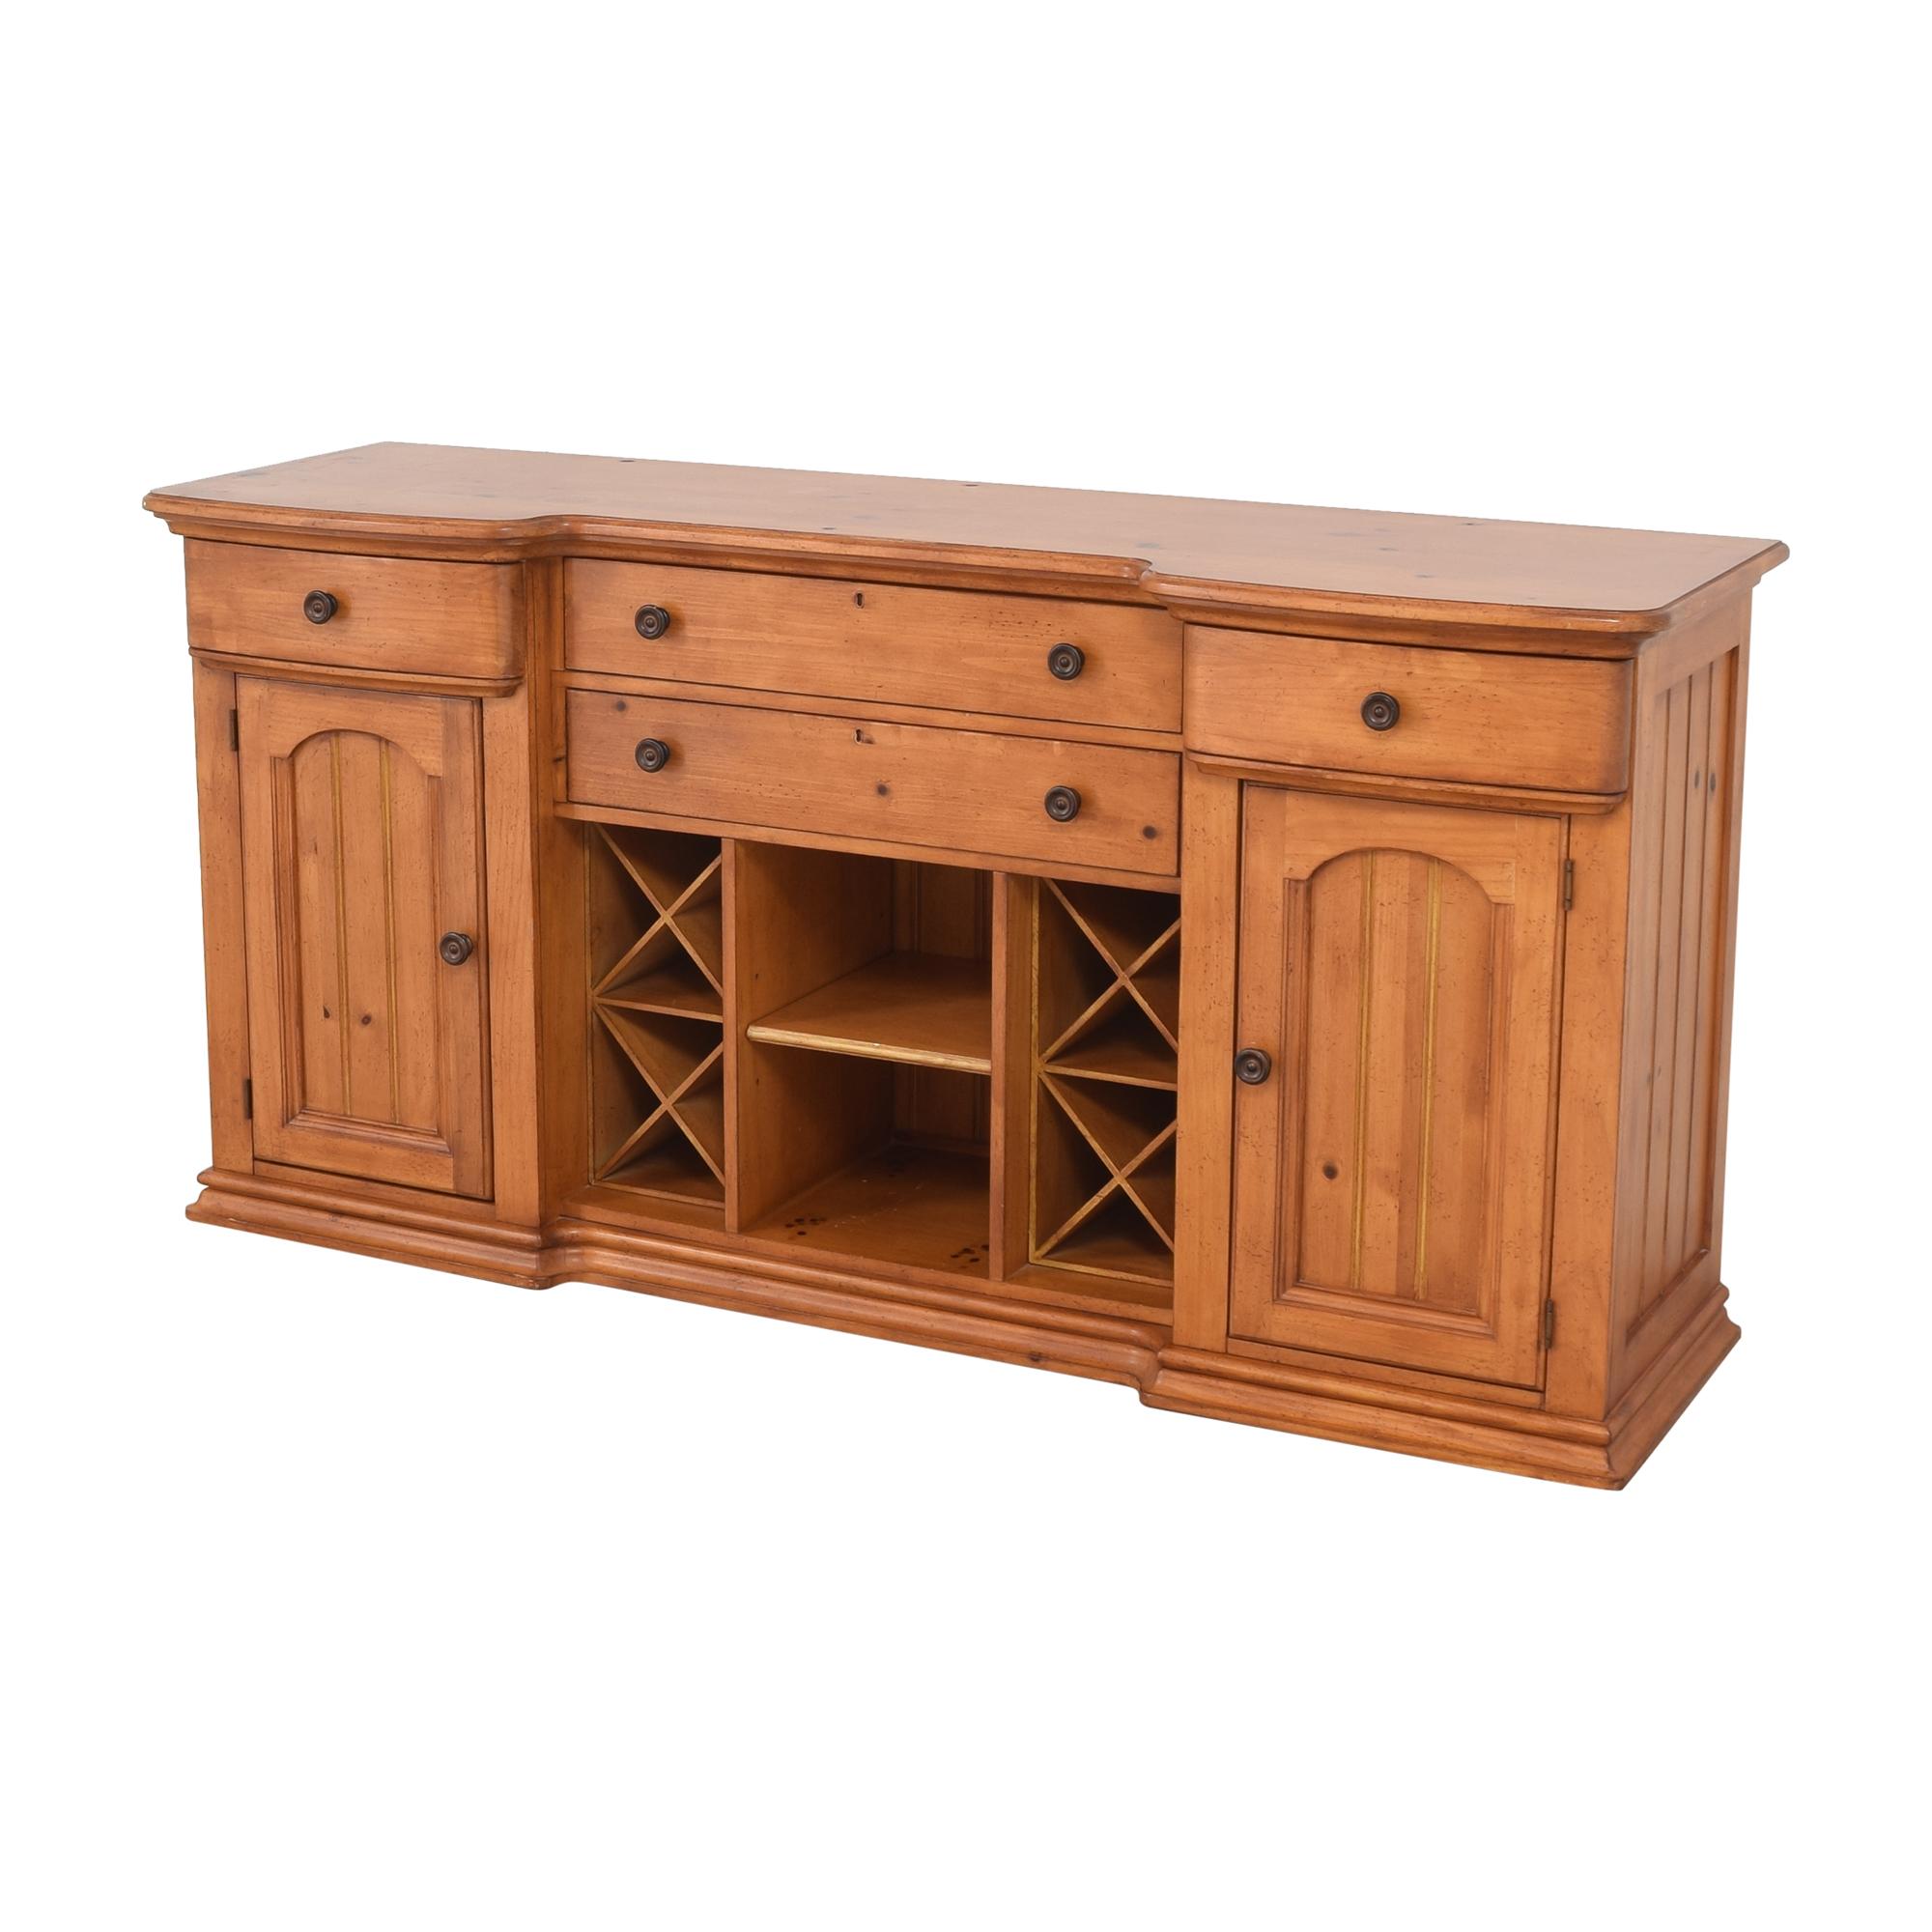 Stanley Furniture Stanley Furniture Cottage Revival Vineyard Service Cabinet nj